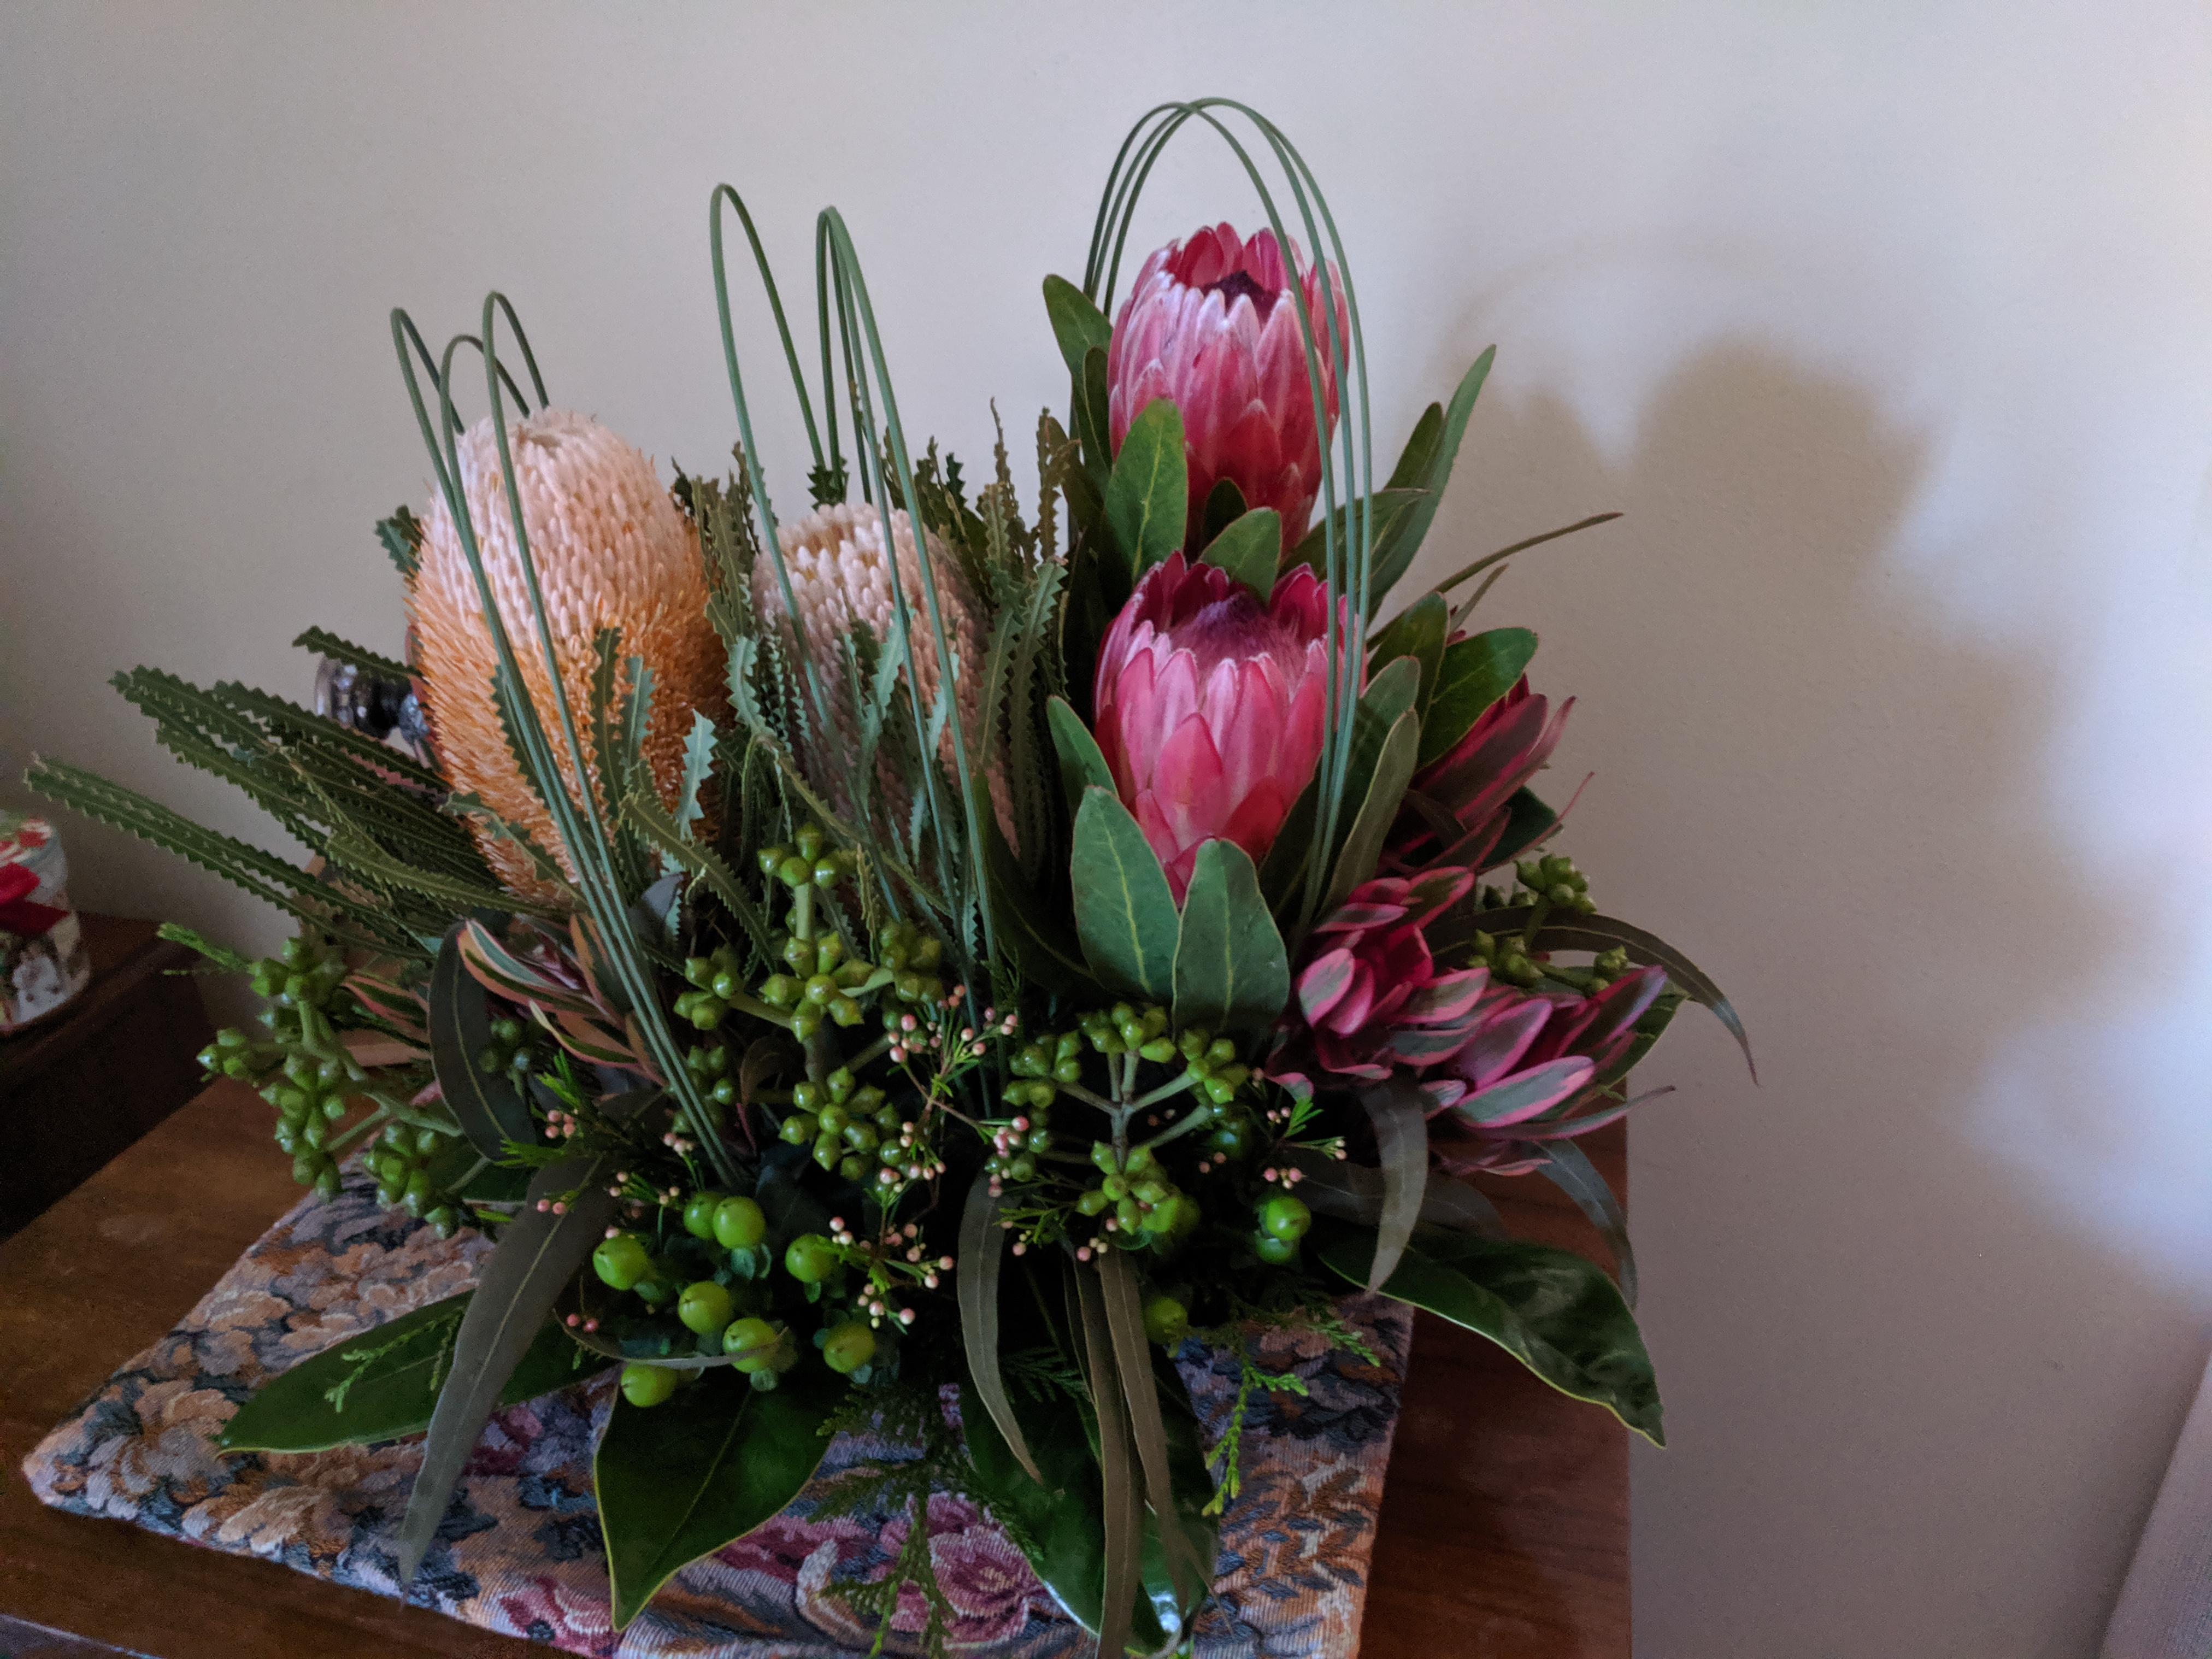 IMG_20190611_151745 -Protea in flower arrangement